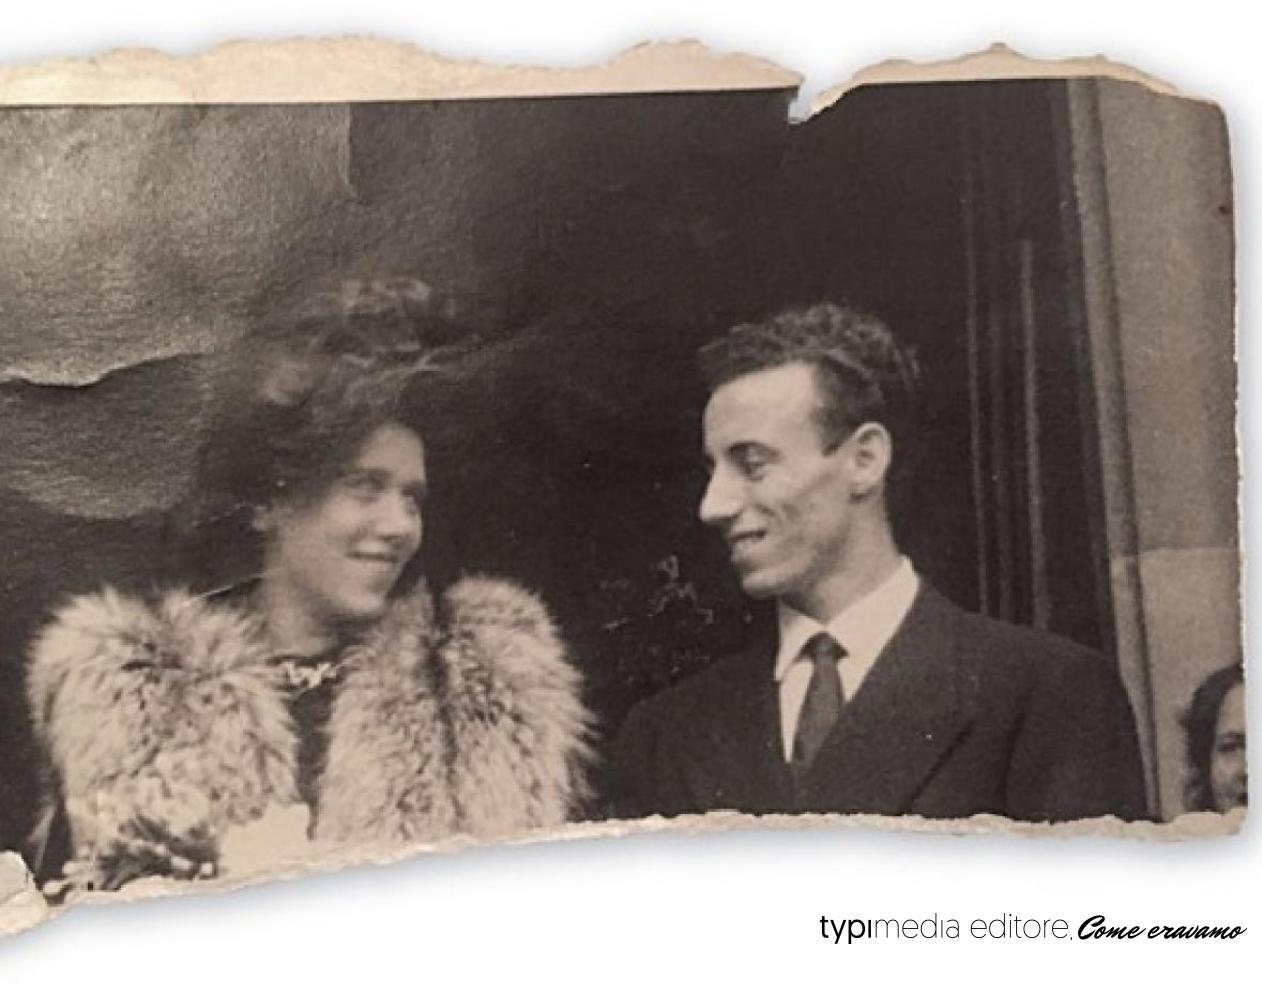 Alberto Mieli in posa con la moglie Ester il giorno del loro matrimonio nel 1948. Si sono conosciuti circa due anni dopo il ritorno di lui da Auschwitz e sono stati insieme 40 anni, fino alla morte di lei